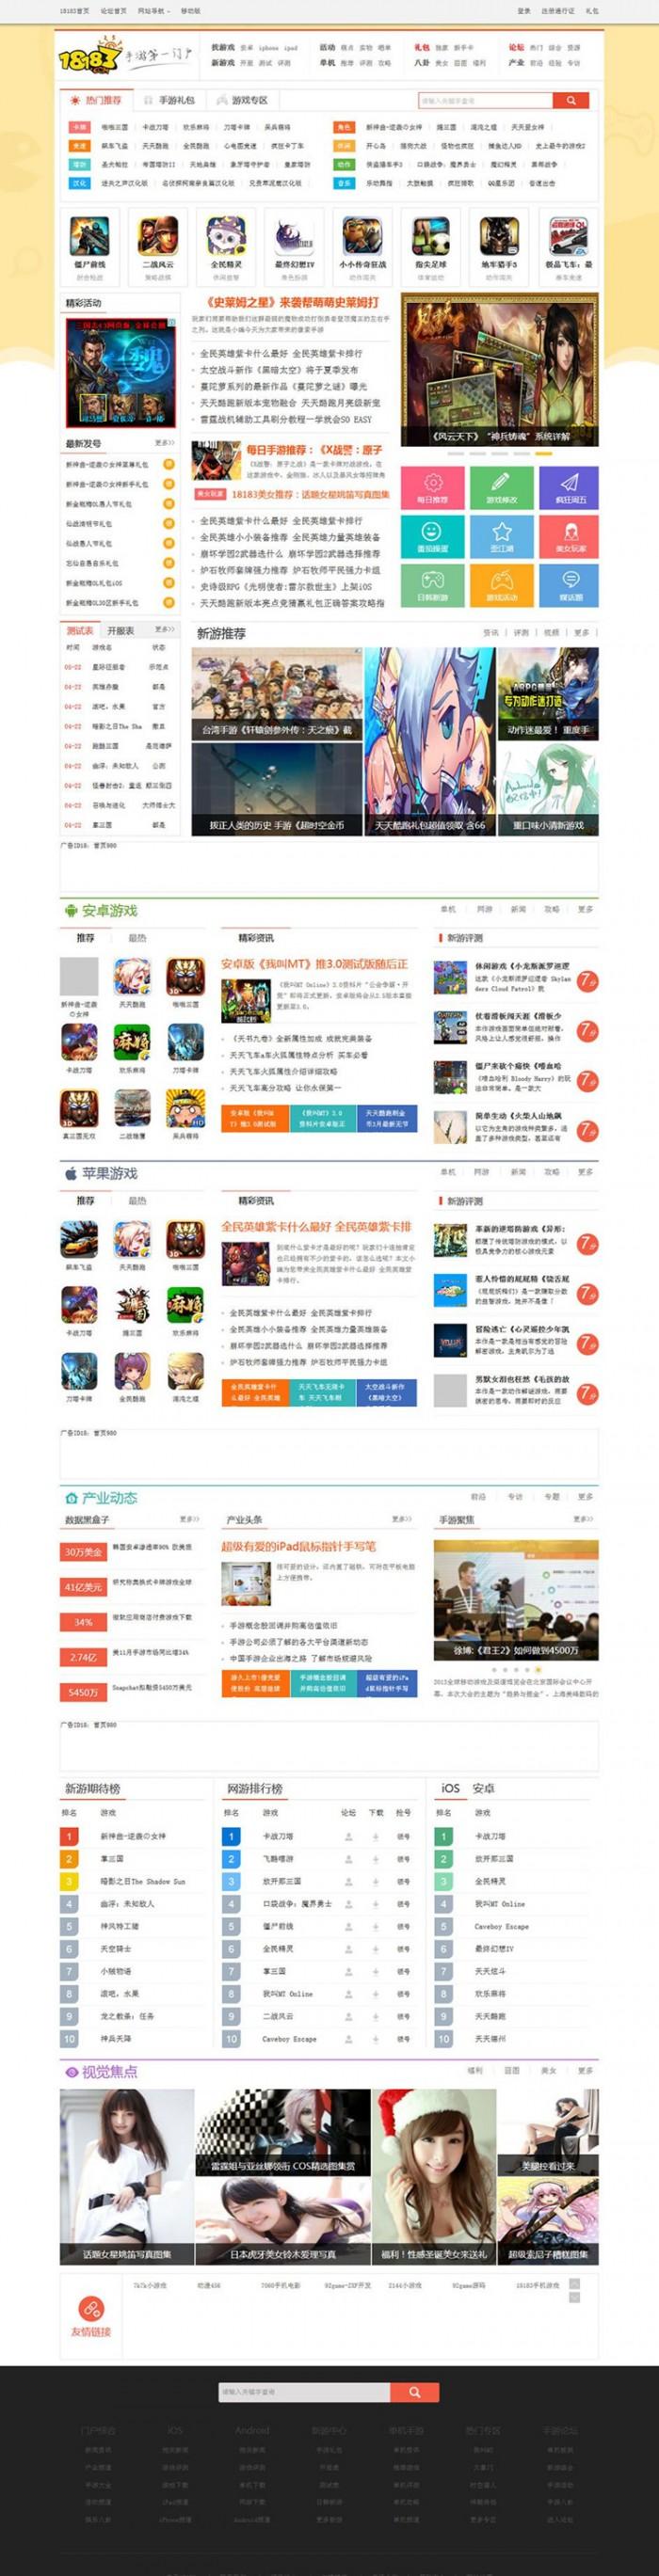 帝国CMS手机游戏源码 手游门户网站源码 第1张